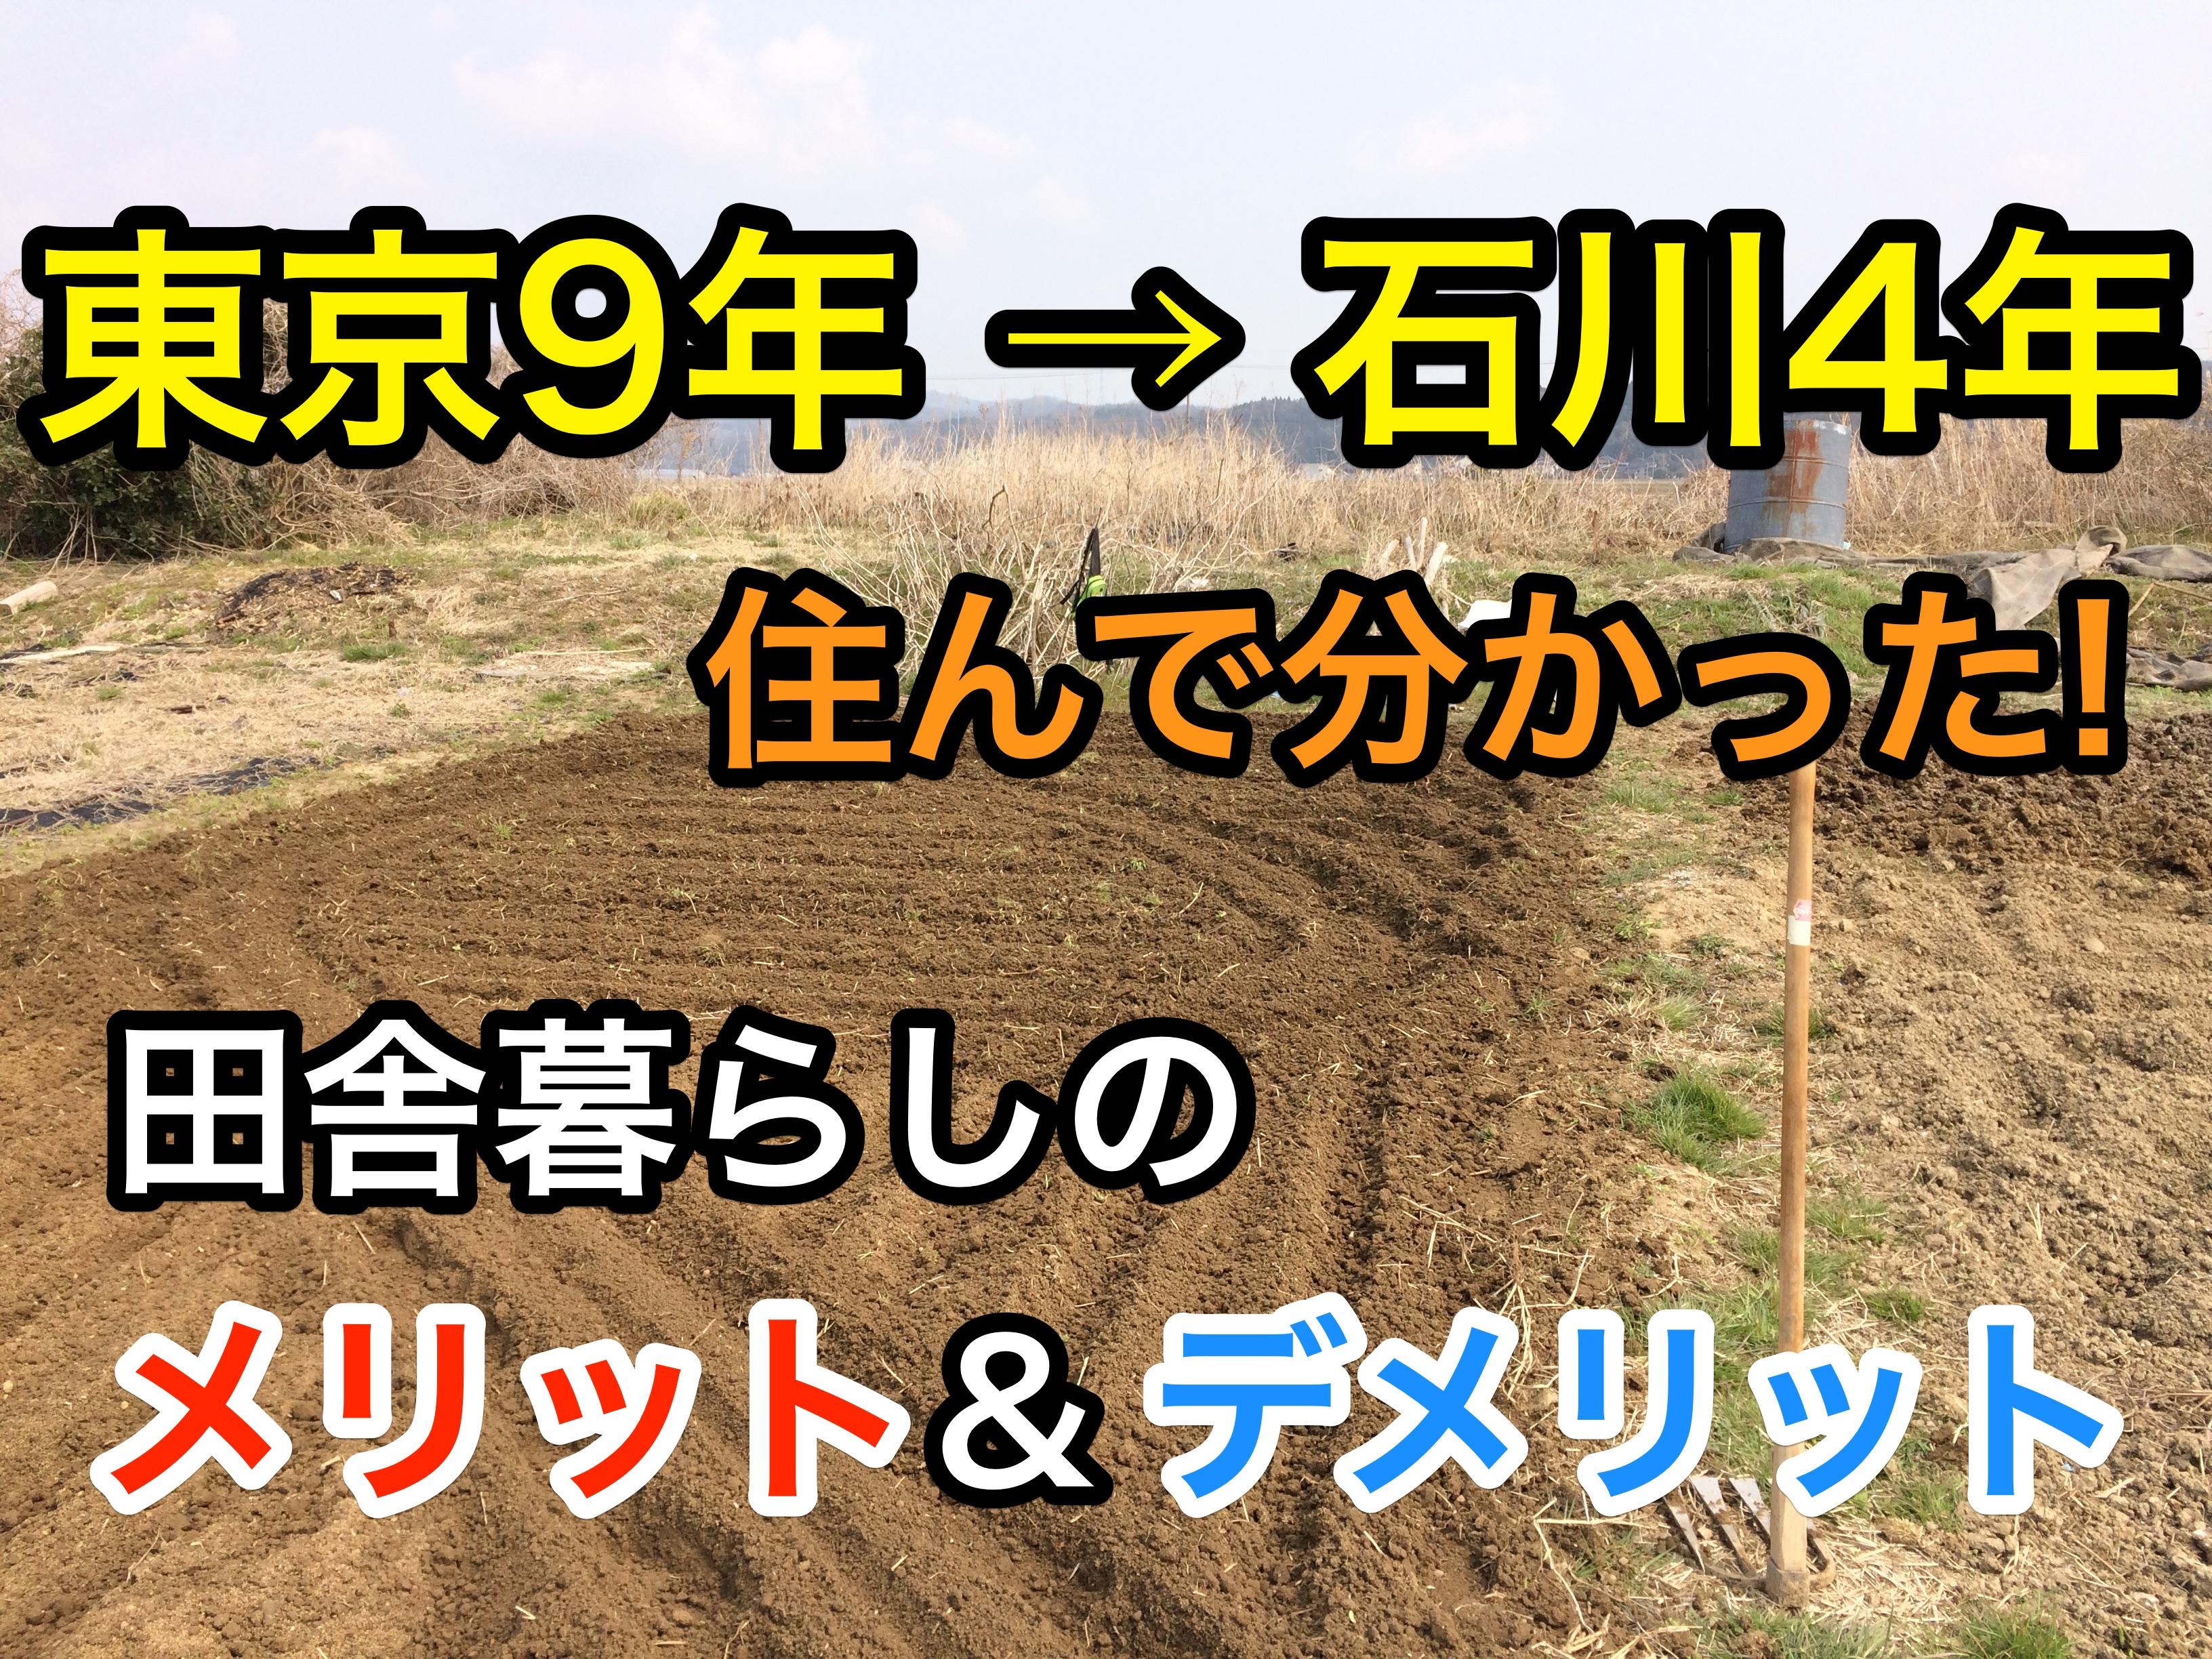 東京→石川へ 4年住んで分かった田舎暮らしのメリット&デメリット